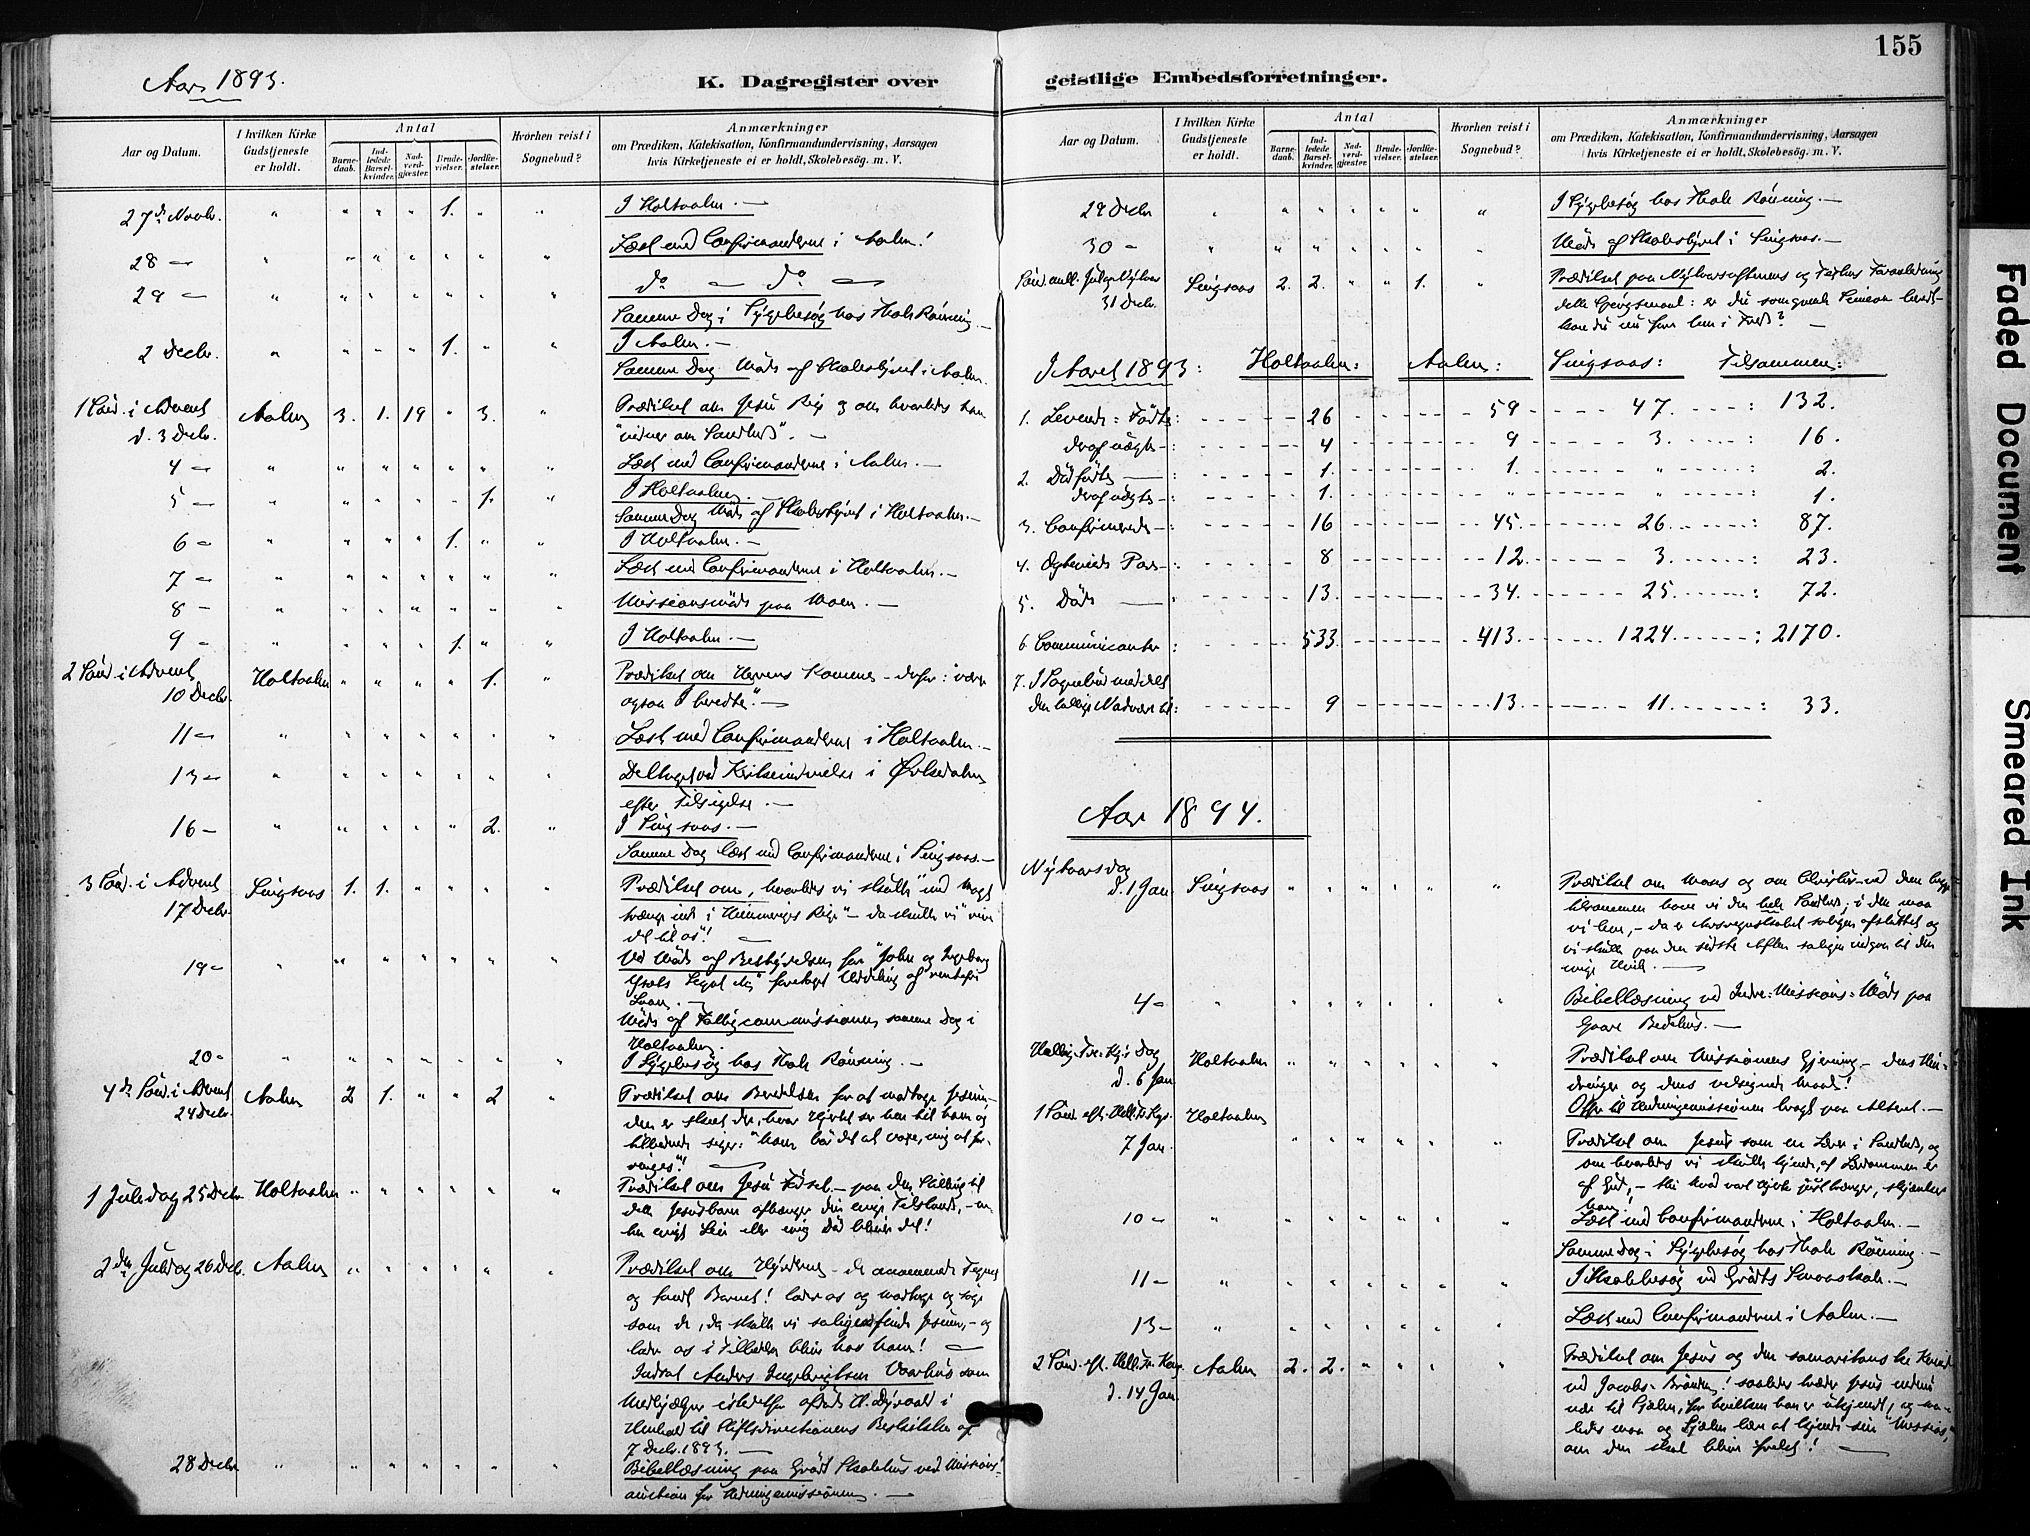 SAT, Ministerialprotokoller, klokkerbøker og fødselsregistre - Sør-Trøndelag, 685/L0973: Ministerialbok nr. 685A10, 1891-1907, s. 155